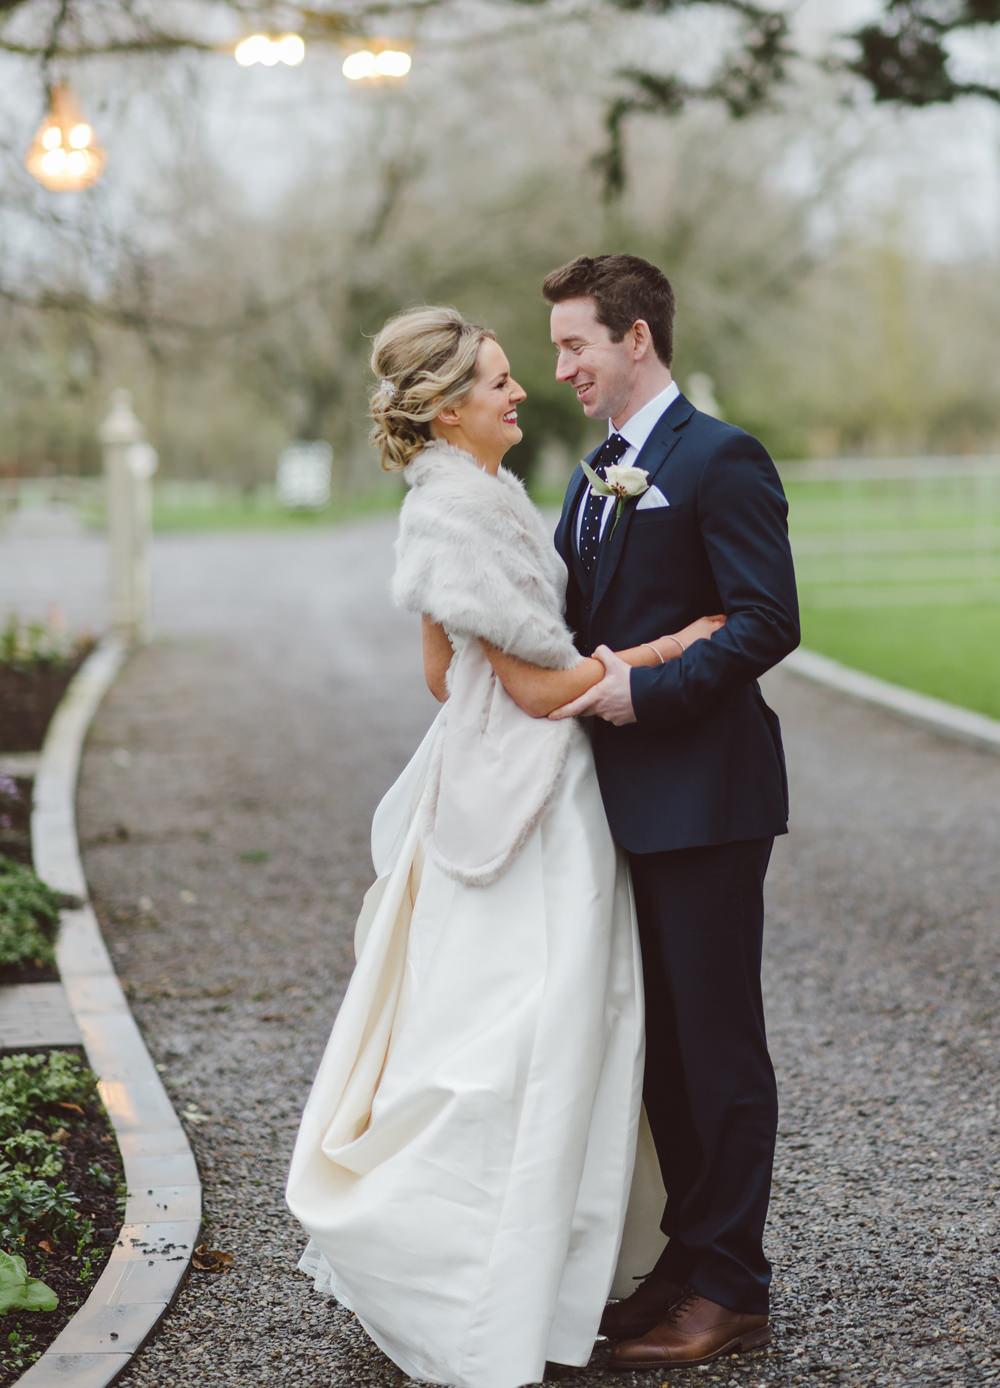 Wedding-Darek-Novak-Dublin-Photographer-063